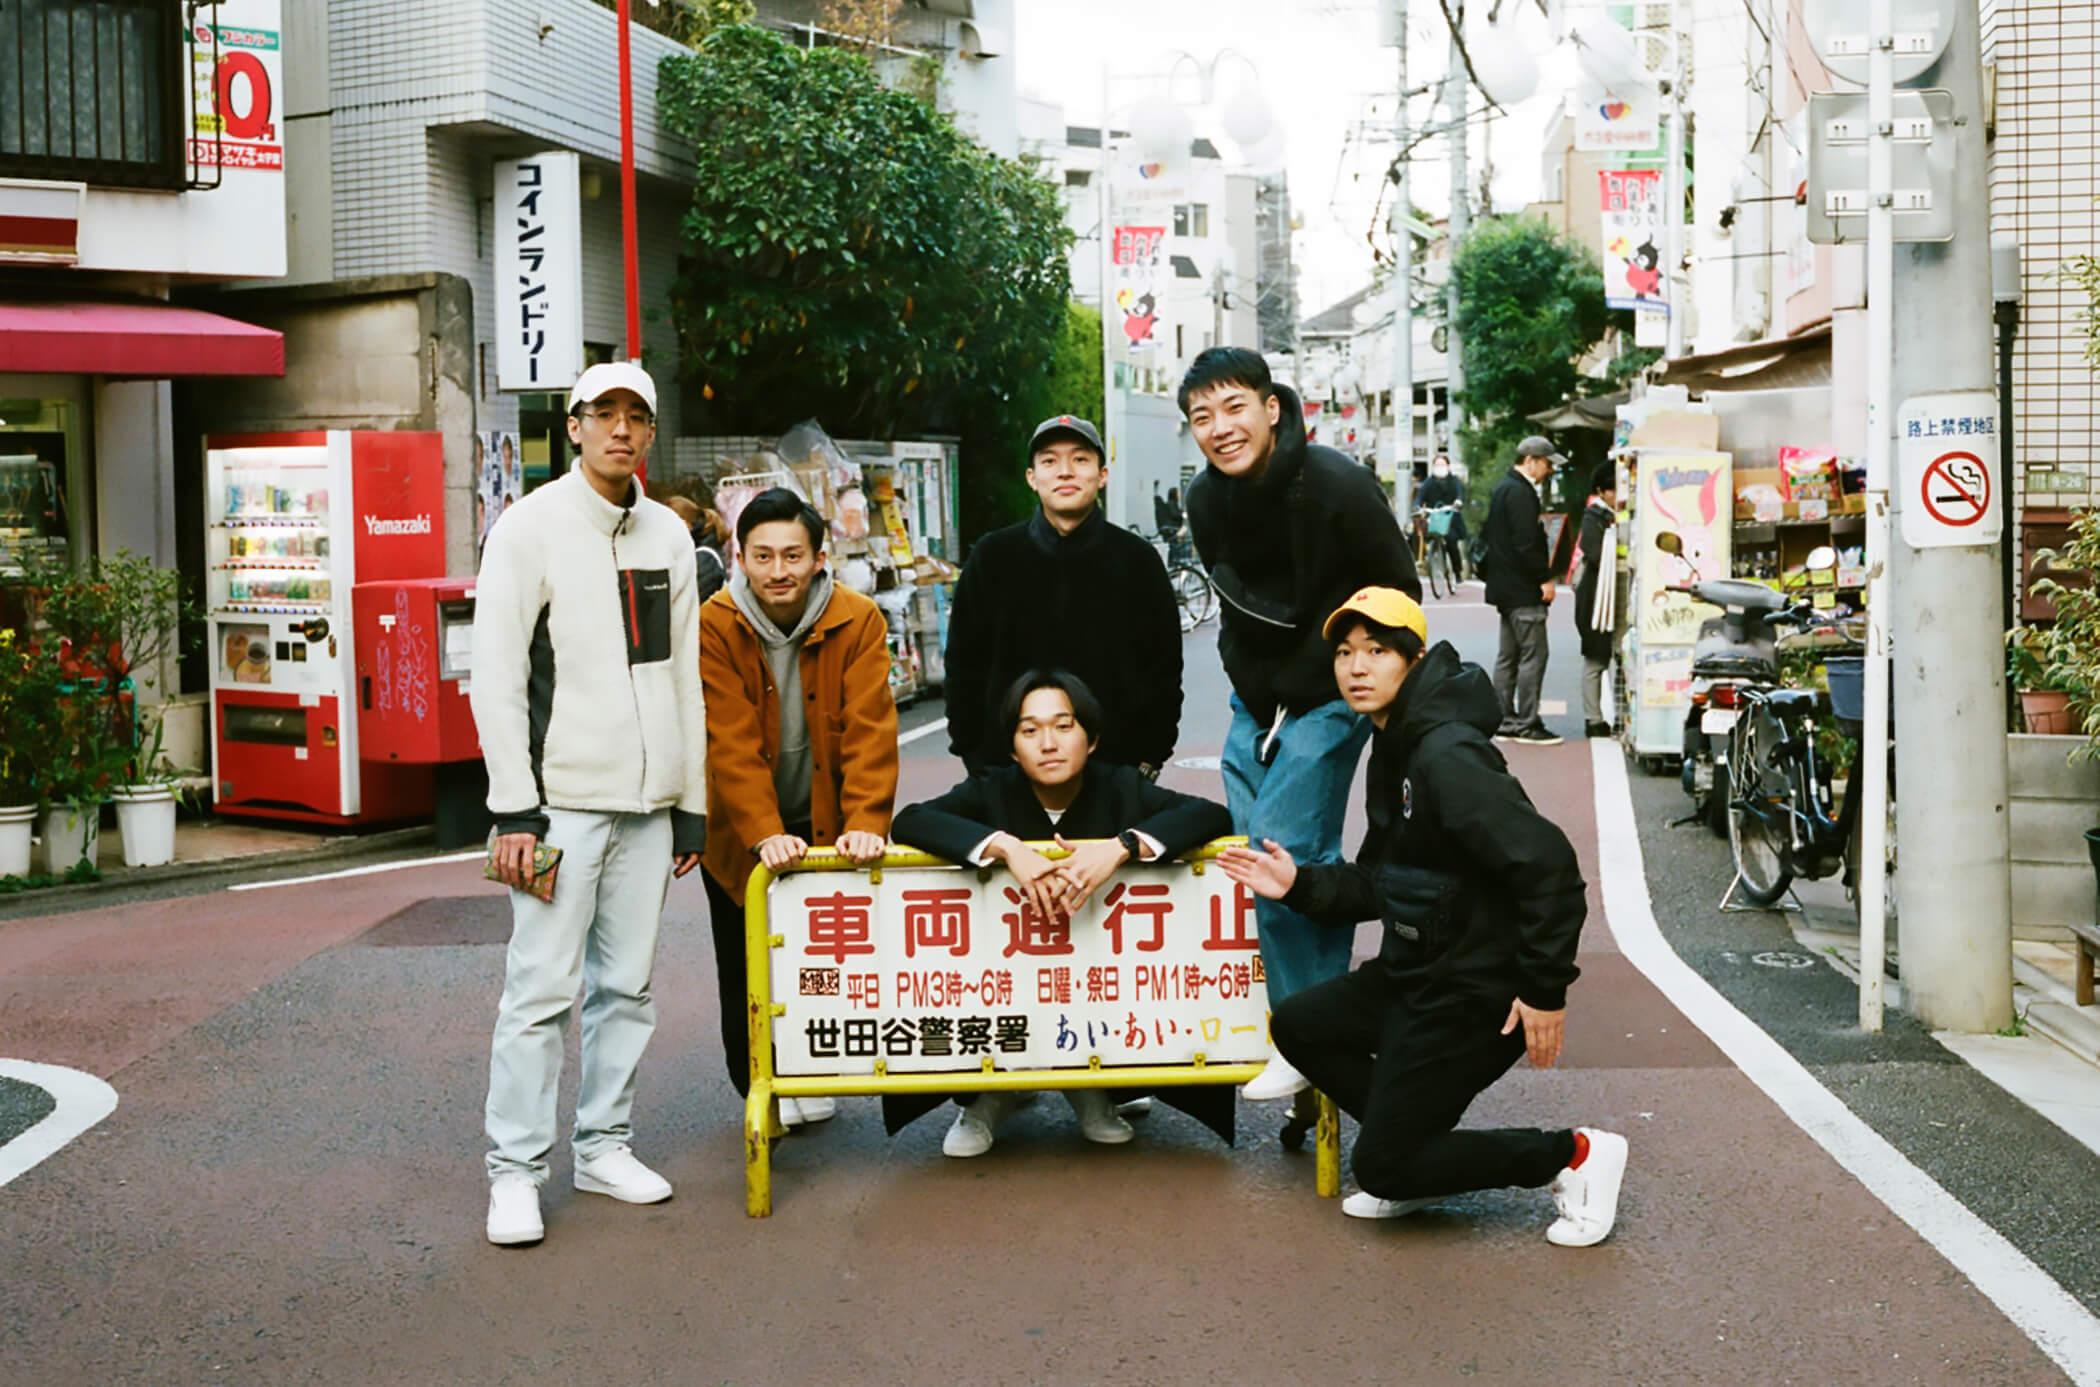 日本を祝うラップバンド「ザ・おめでたズ」の100問100答。